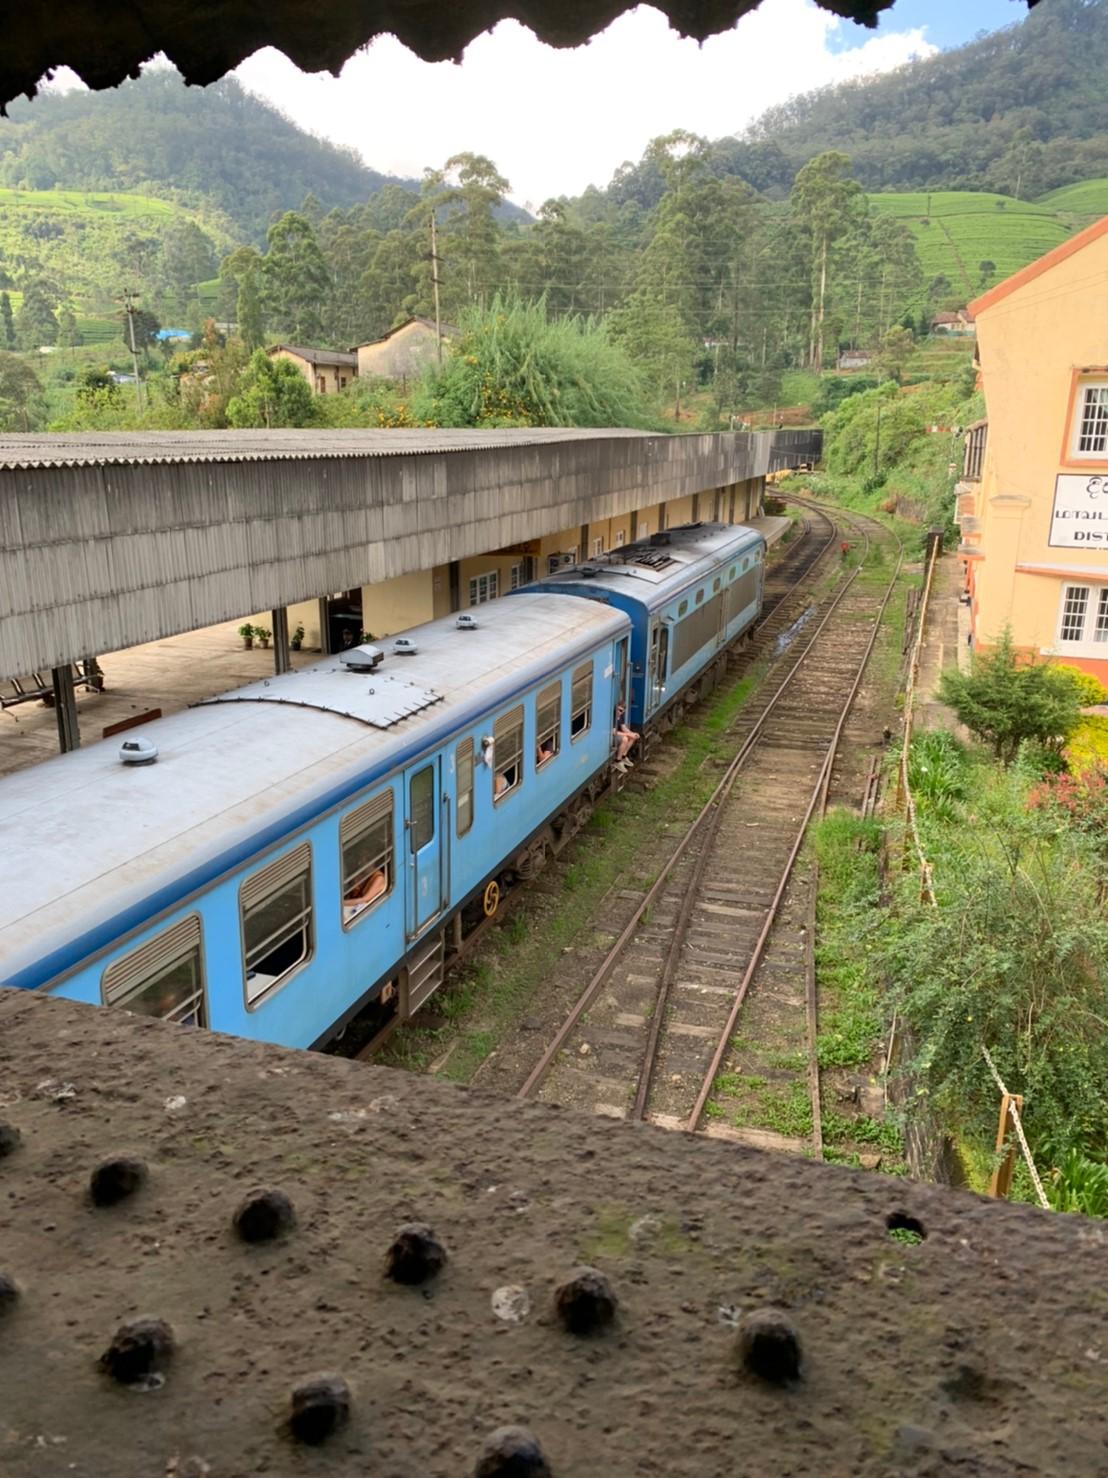 ナヌオヤ駅